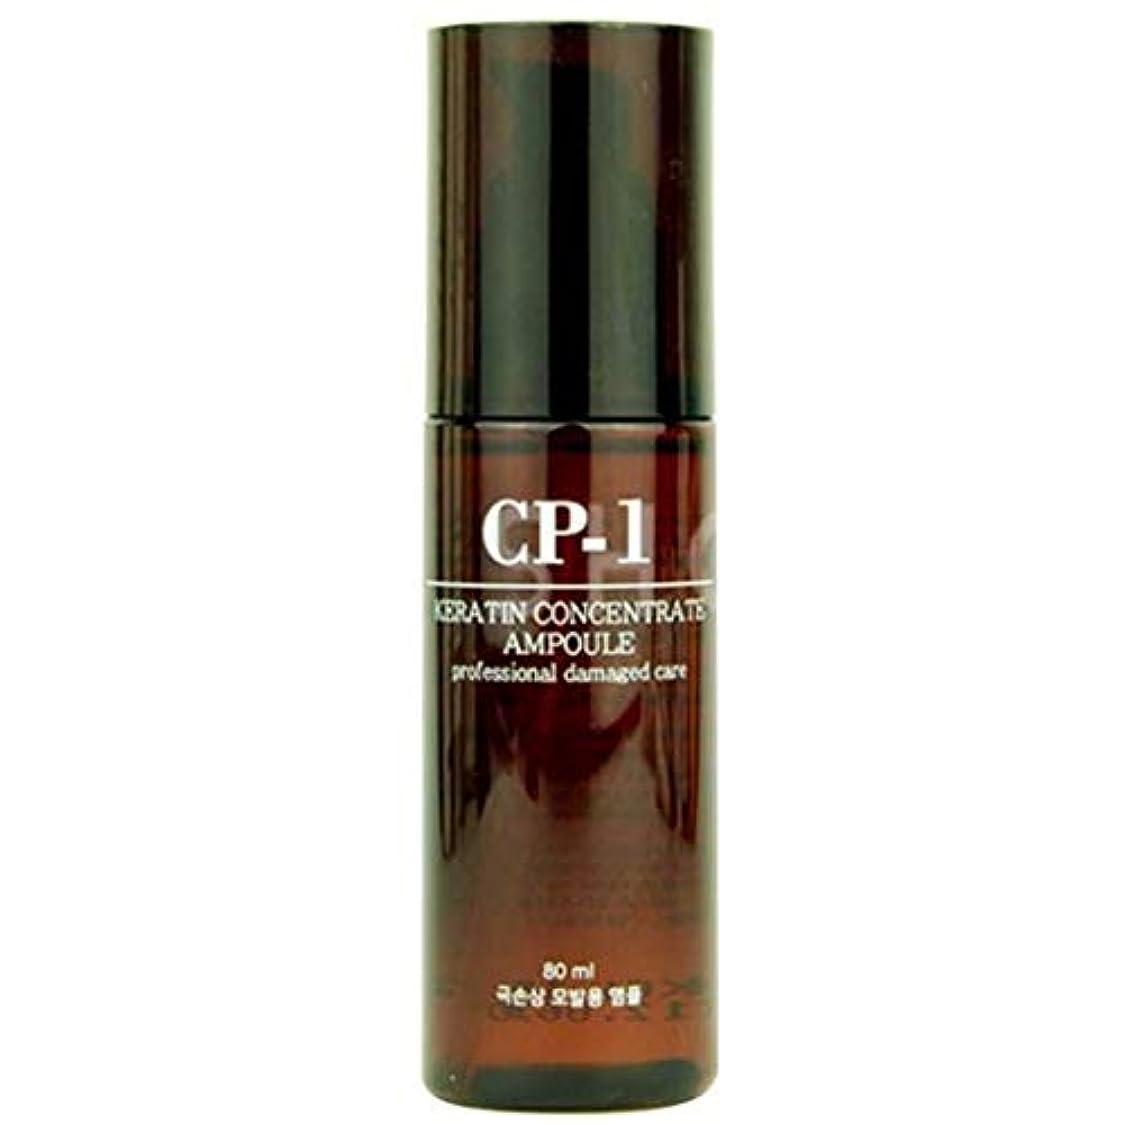 誇りに思う慎重土砂降りEsthetic House CP-1 ヘアアンプル Keratin Concentrate Ampoule 80ml プロ傷んだヘアケア Professional Damaged Hair Care, 韩国正品